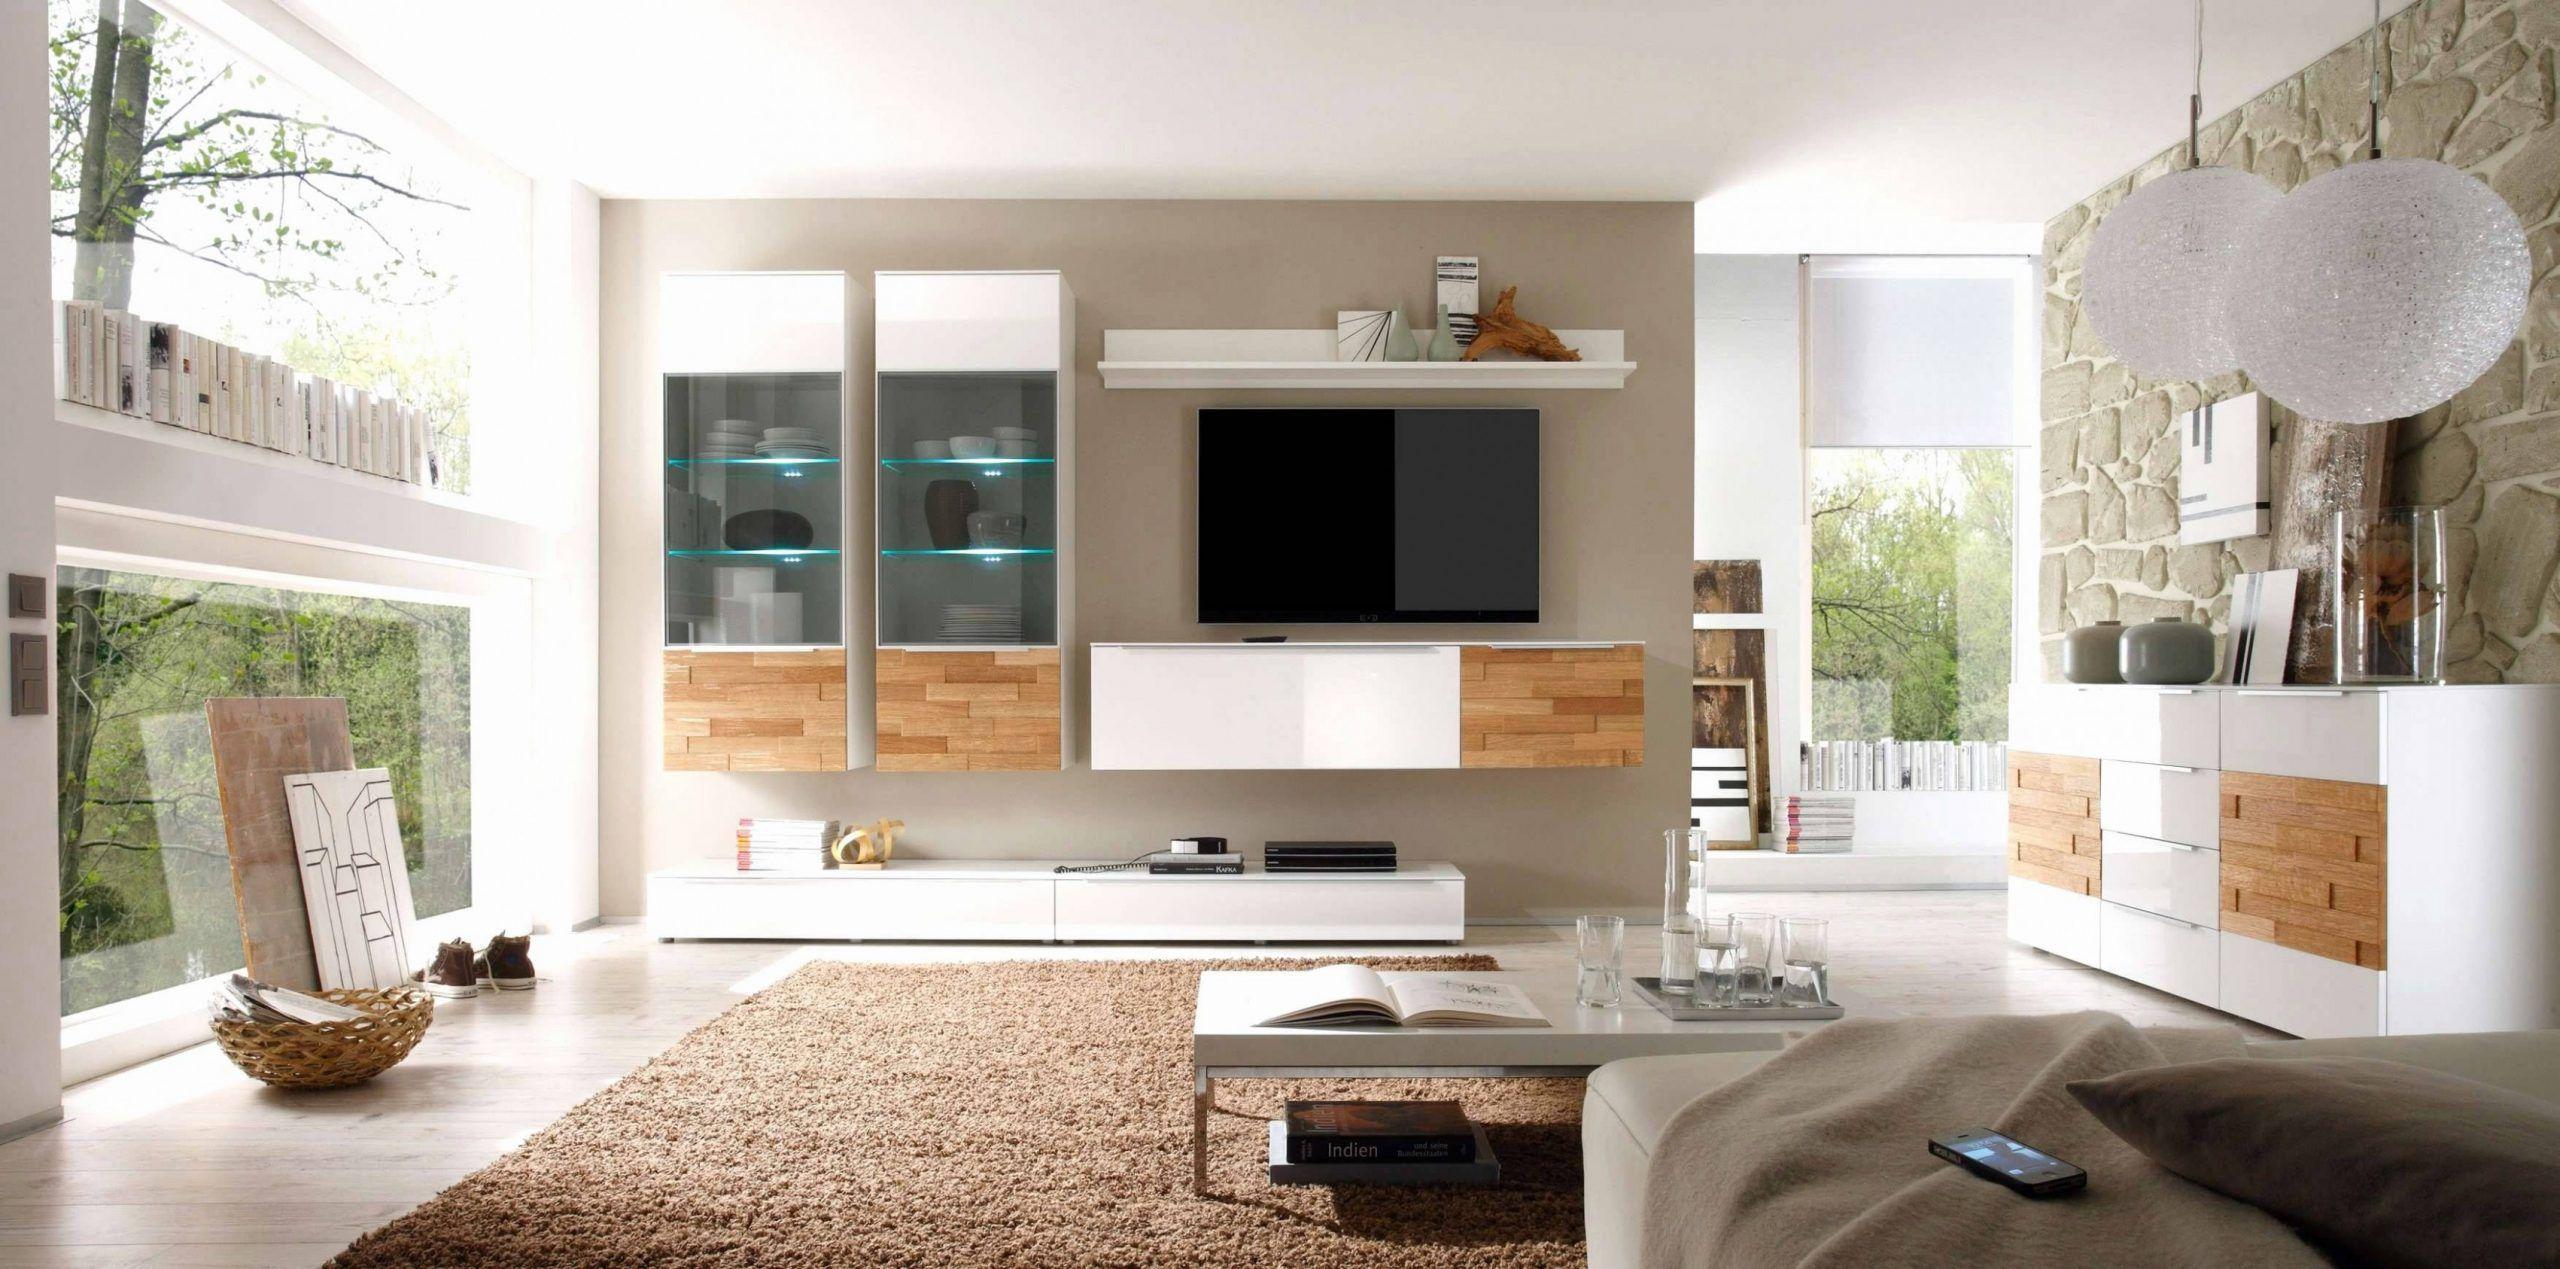 5 Design Wohnzimmer Ideen in 5  Wohnzimmer modern, Wohnzimmer